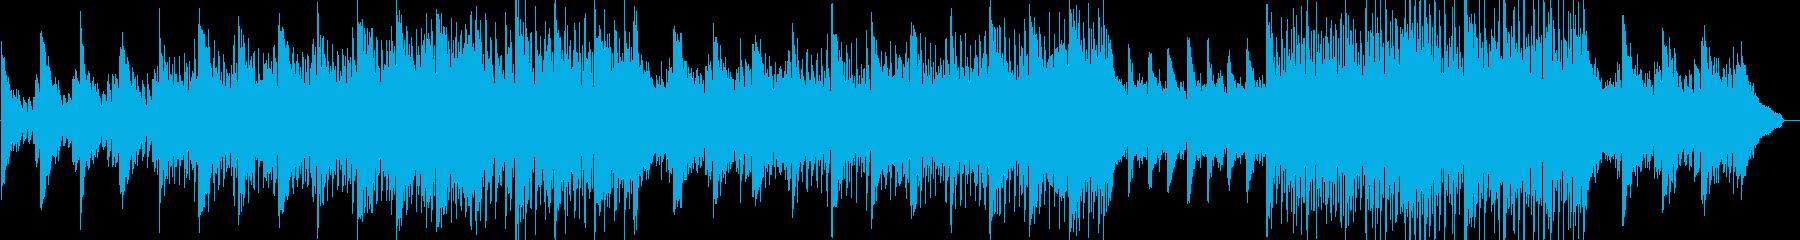 オーガニックなイメージのポップスの再生済みの波形